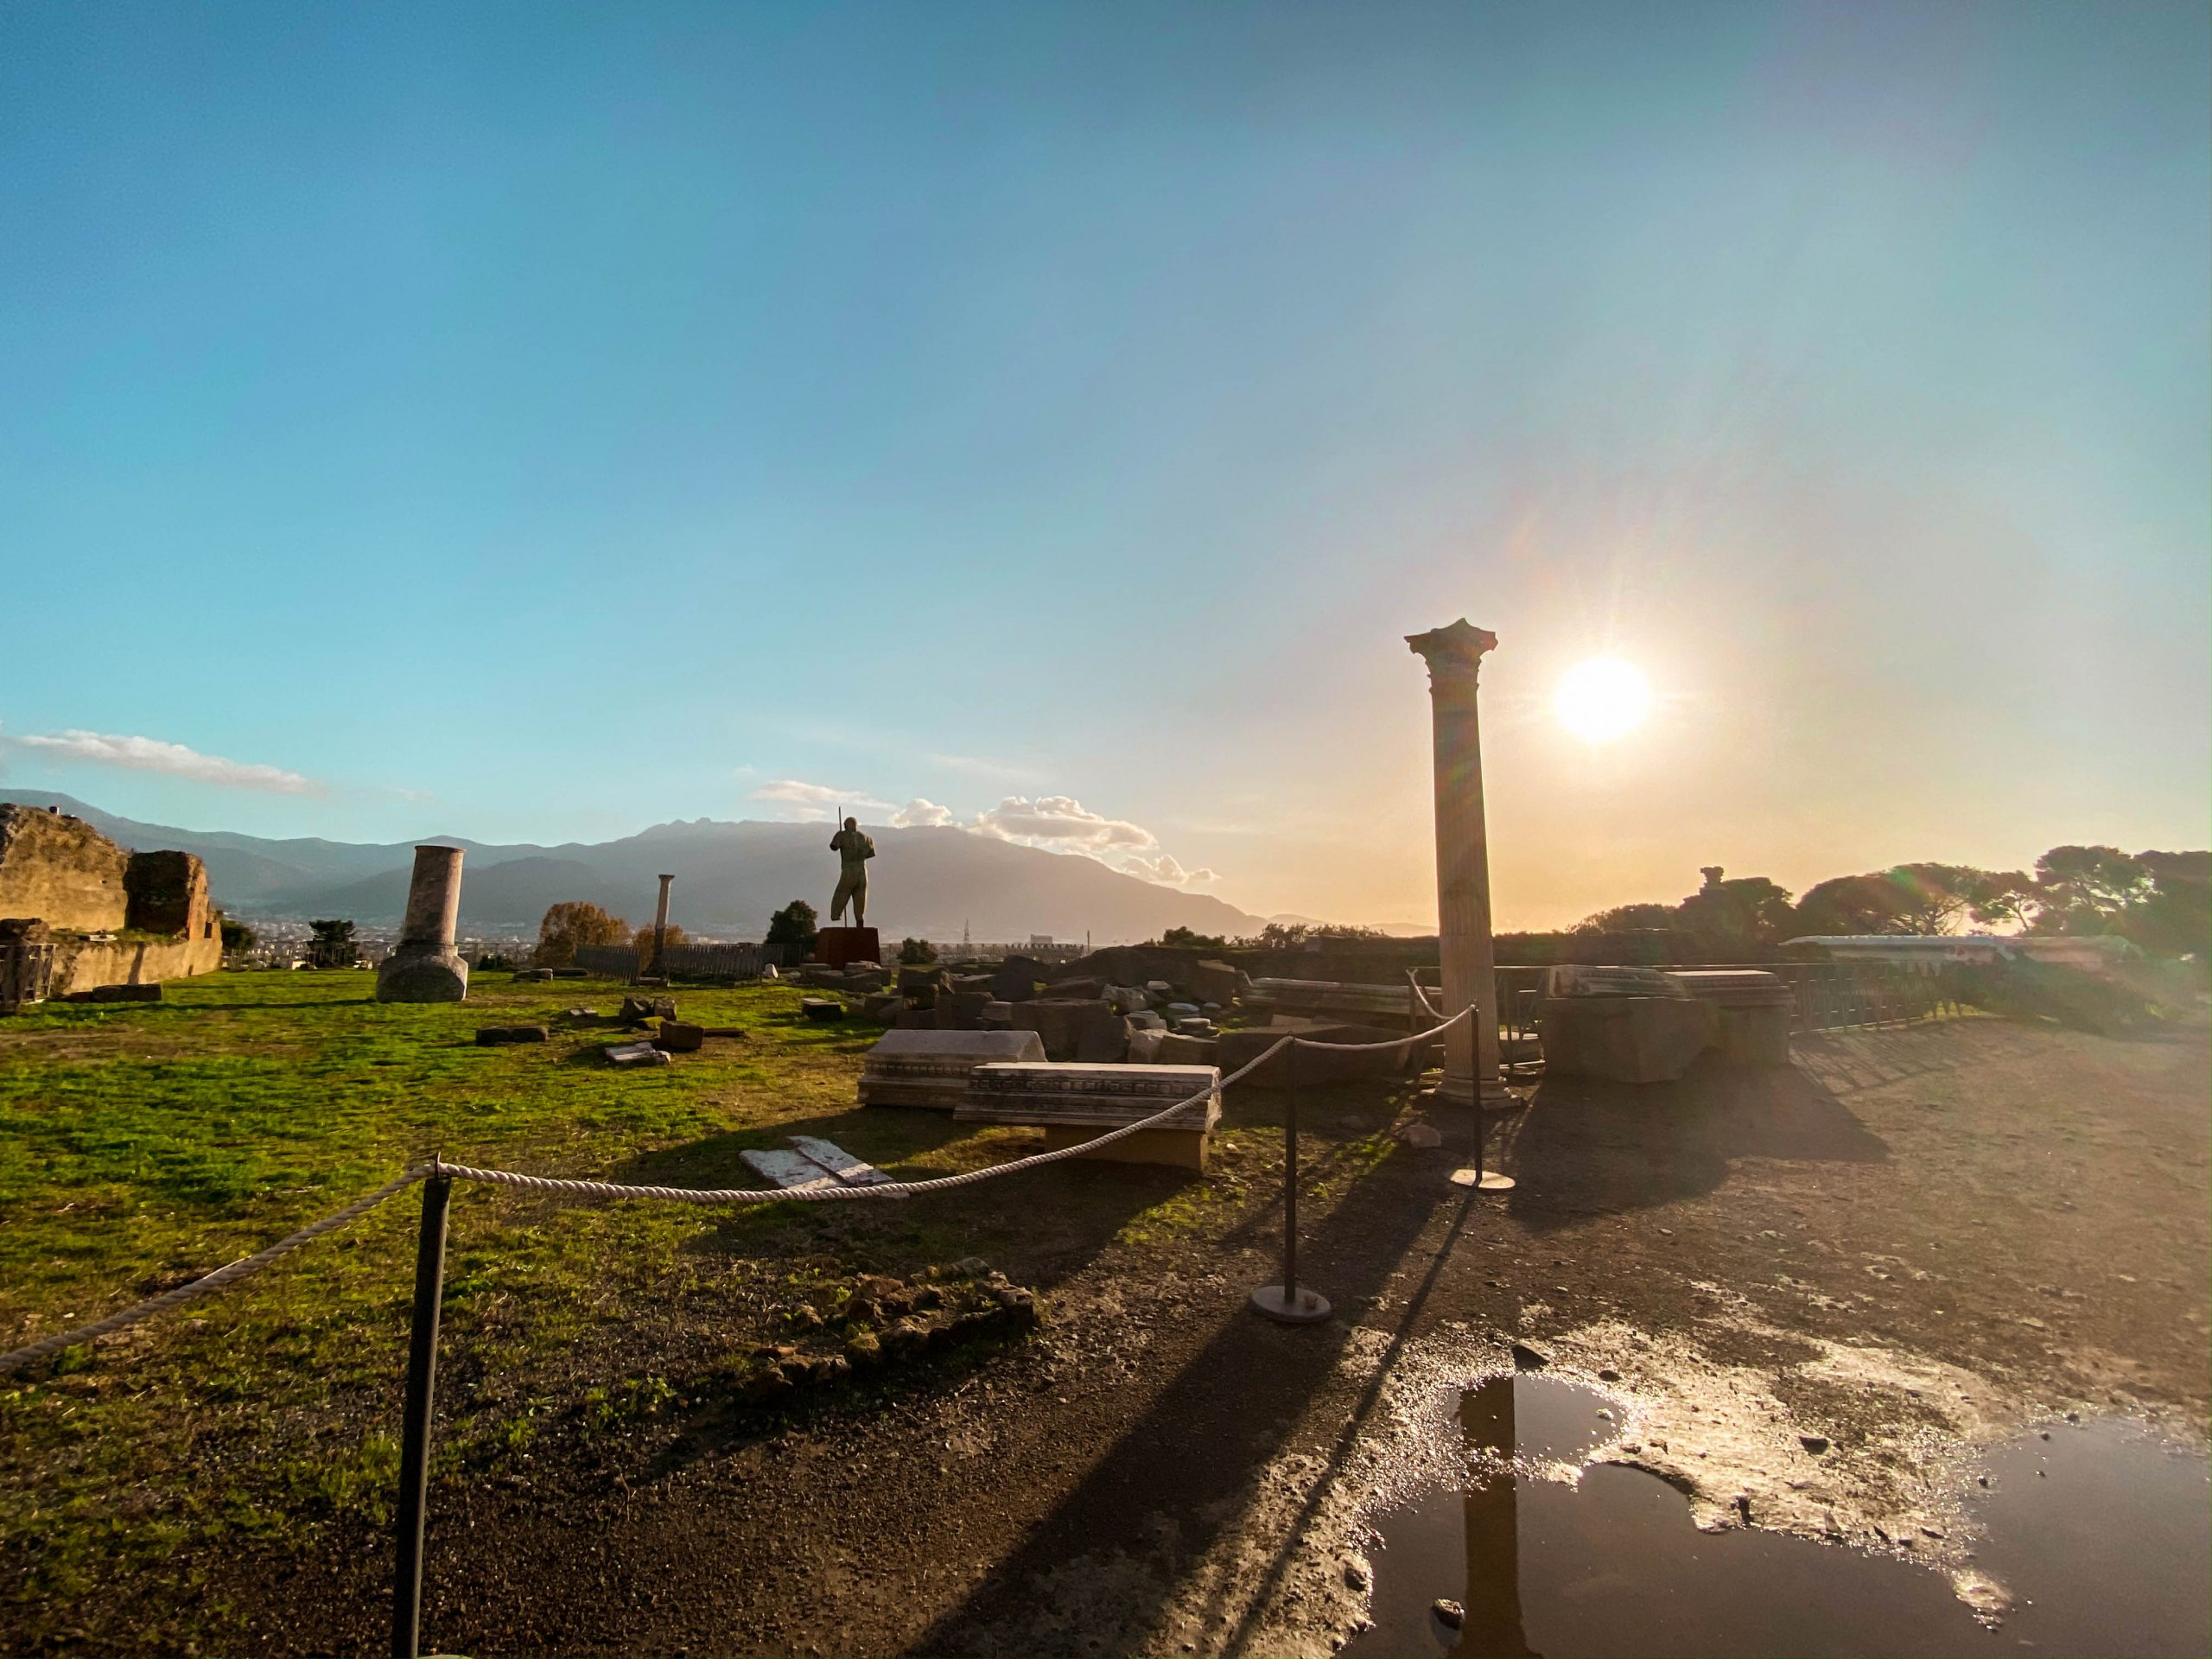 pompeii park UNESCO world heritage site ruins how to visit pompeii basilica scavi mount vesuvius italy amalfi coast